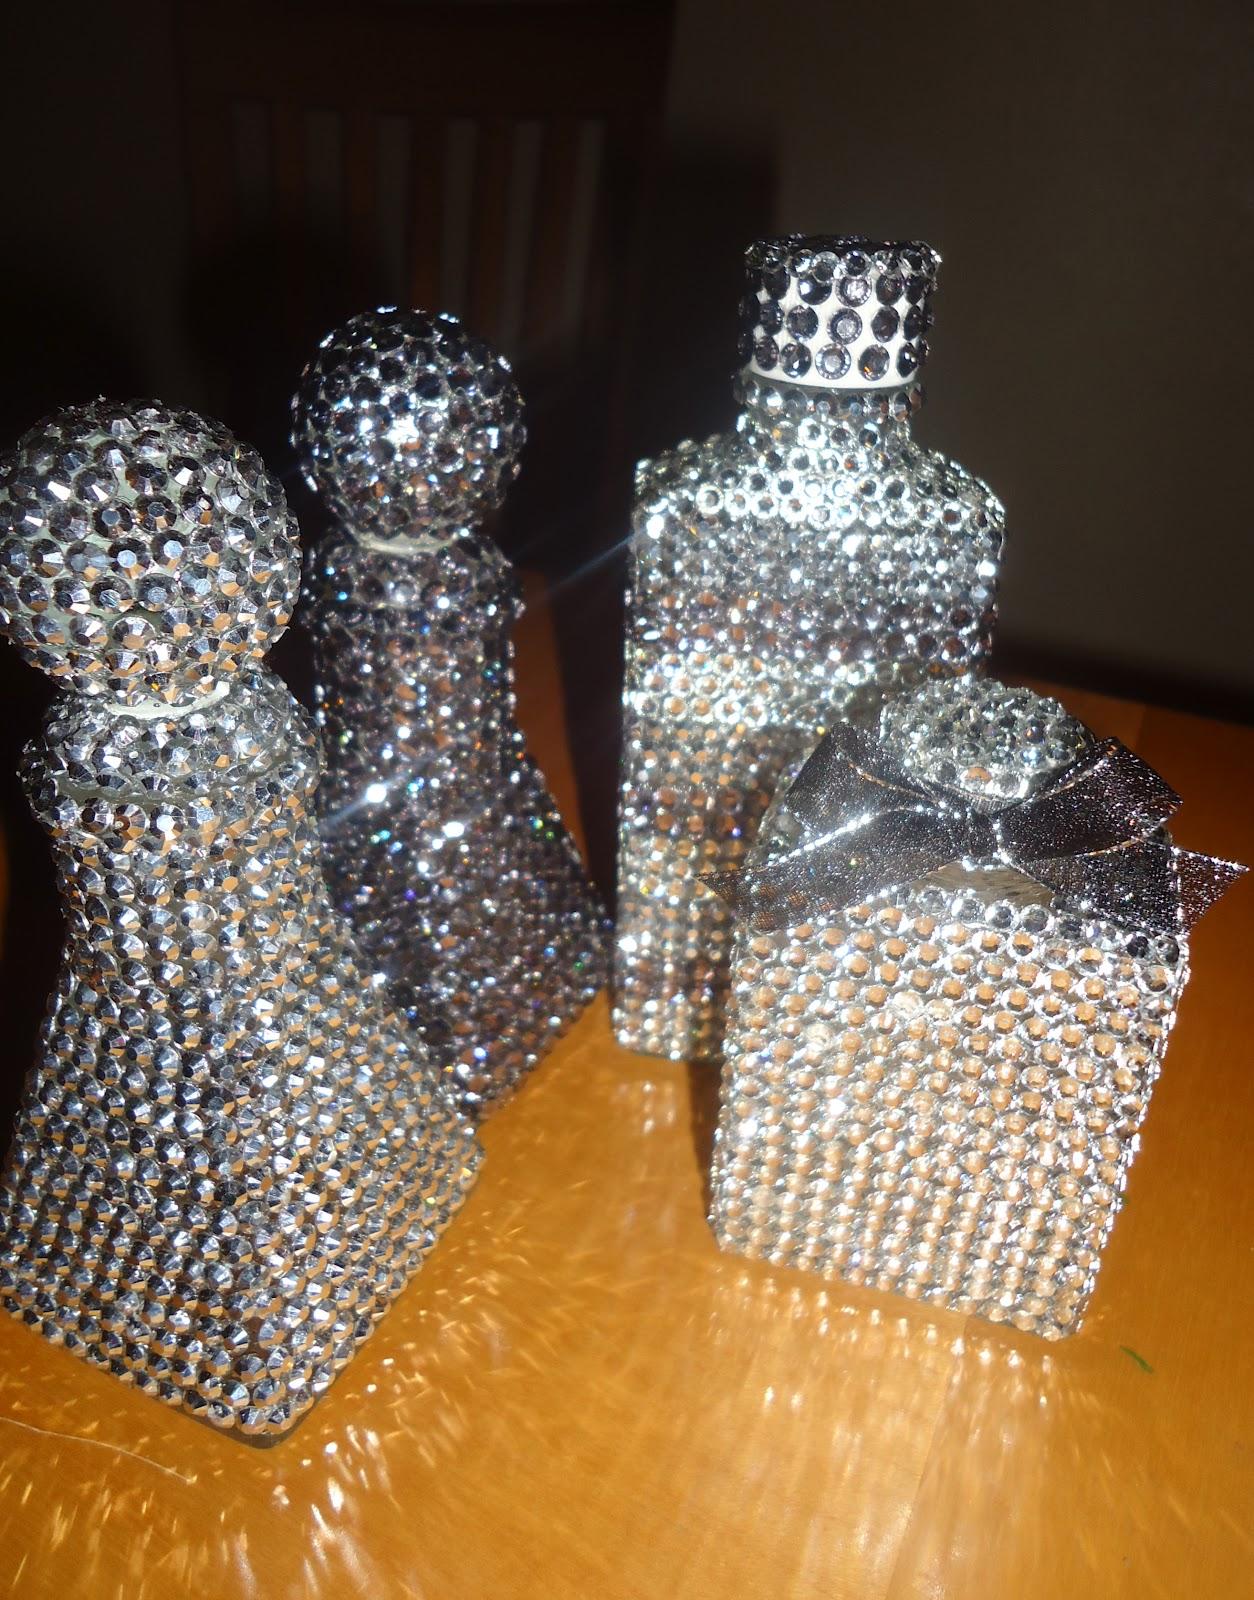 frugal home design diy home decor make rhinestone covered bottles. Black Bedroom Furniture Sets. Home Design Ideas